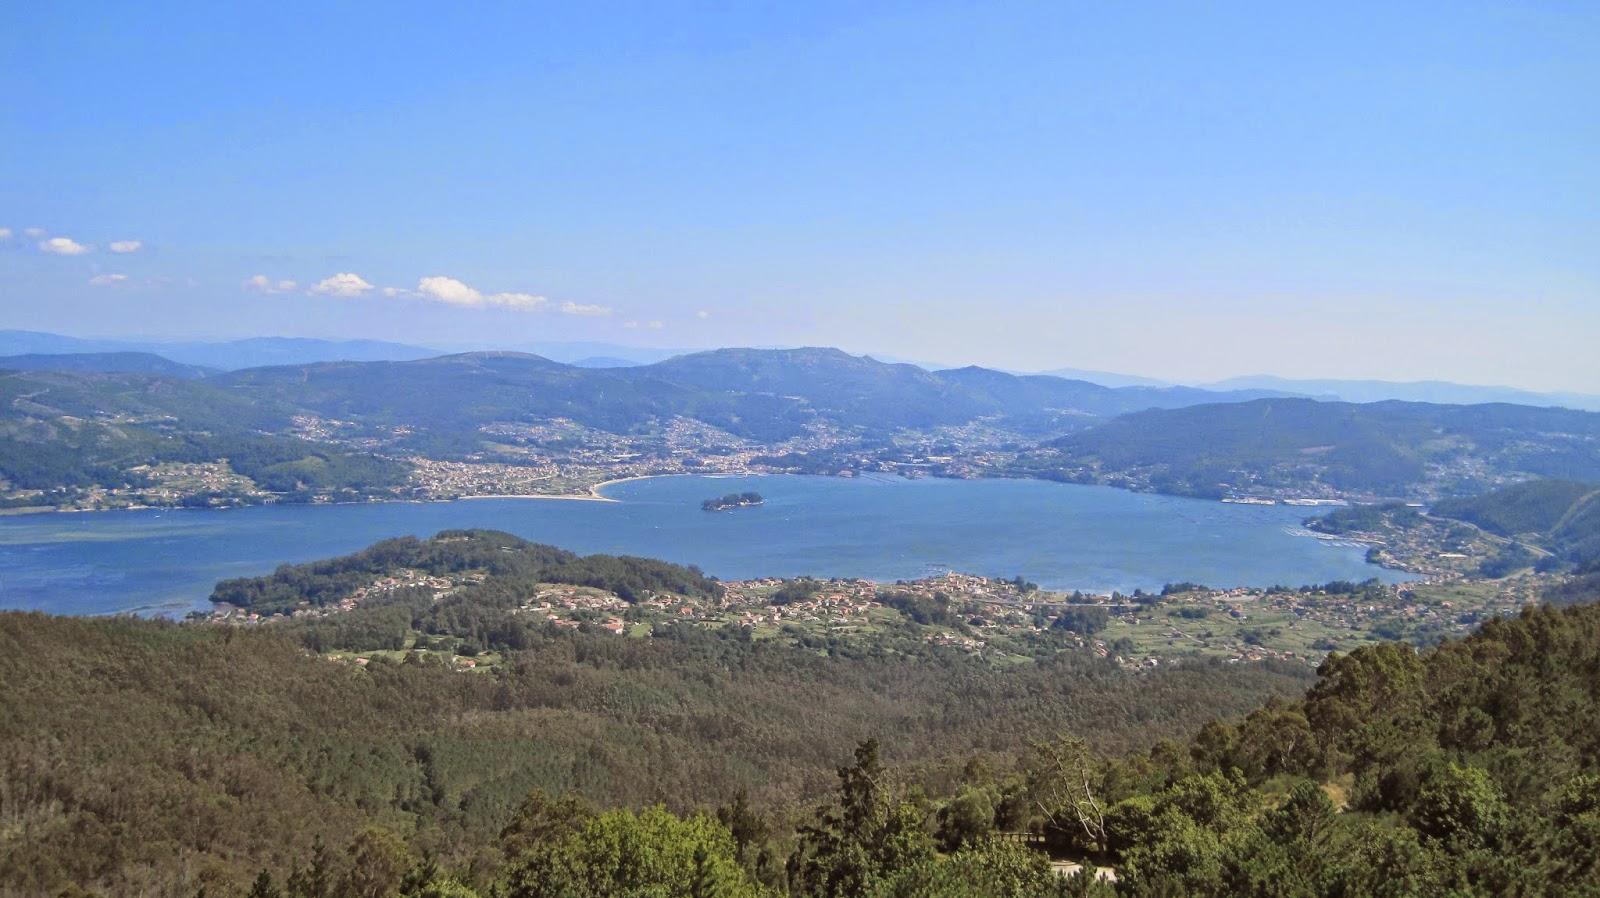 Ría de Vigo desde el mirador de Cotorredondo